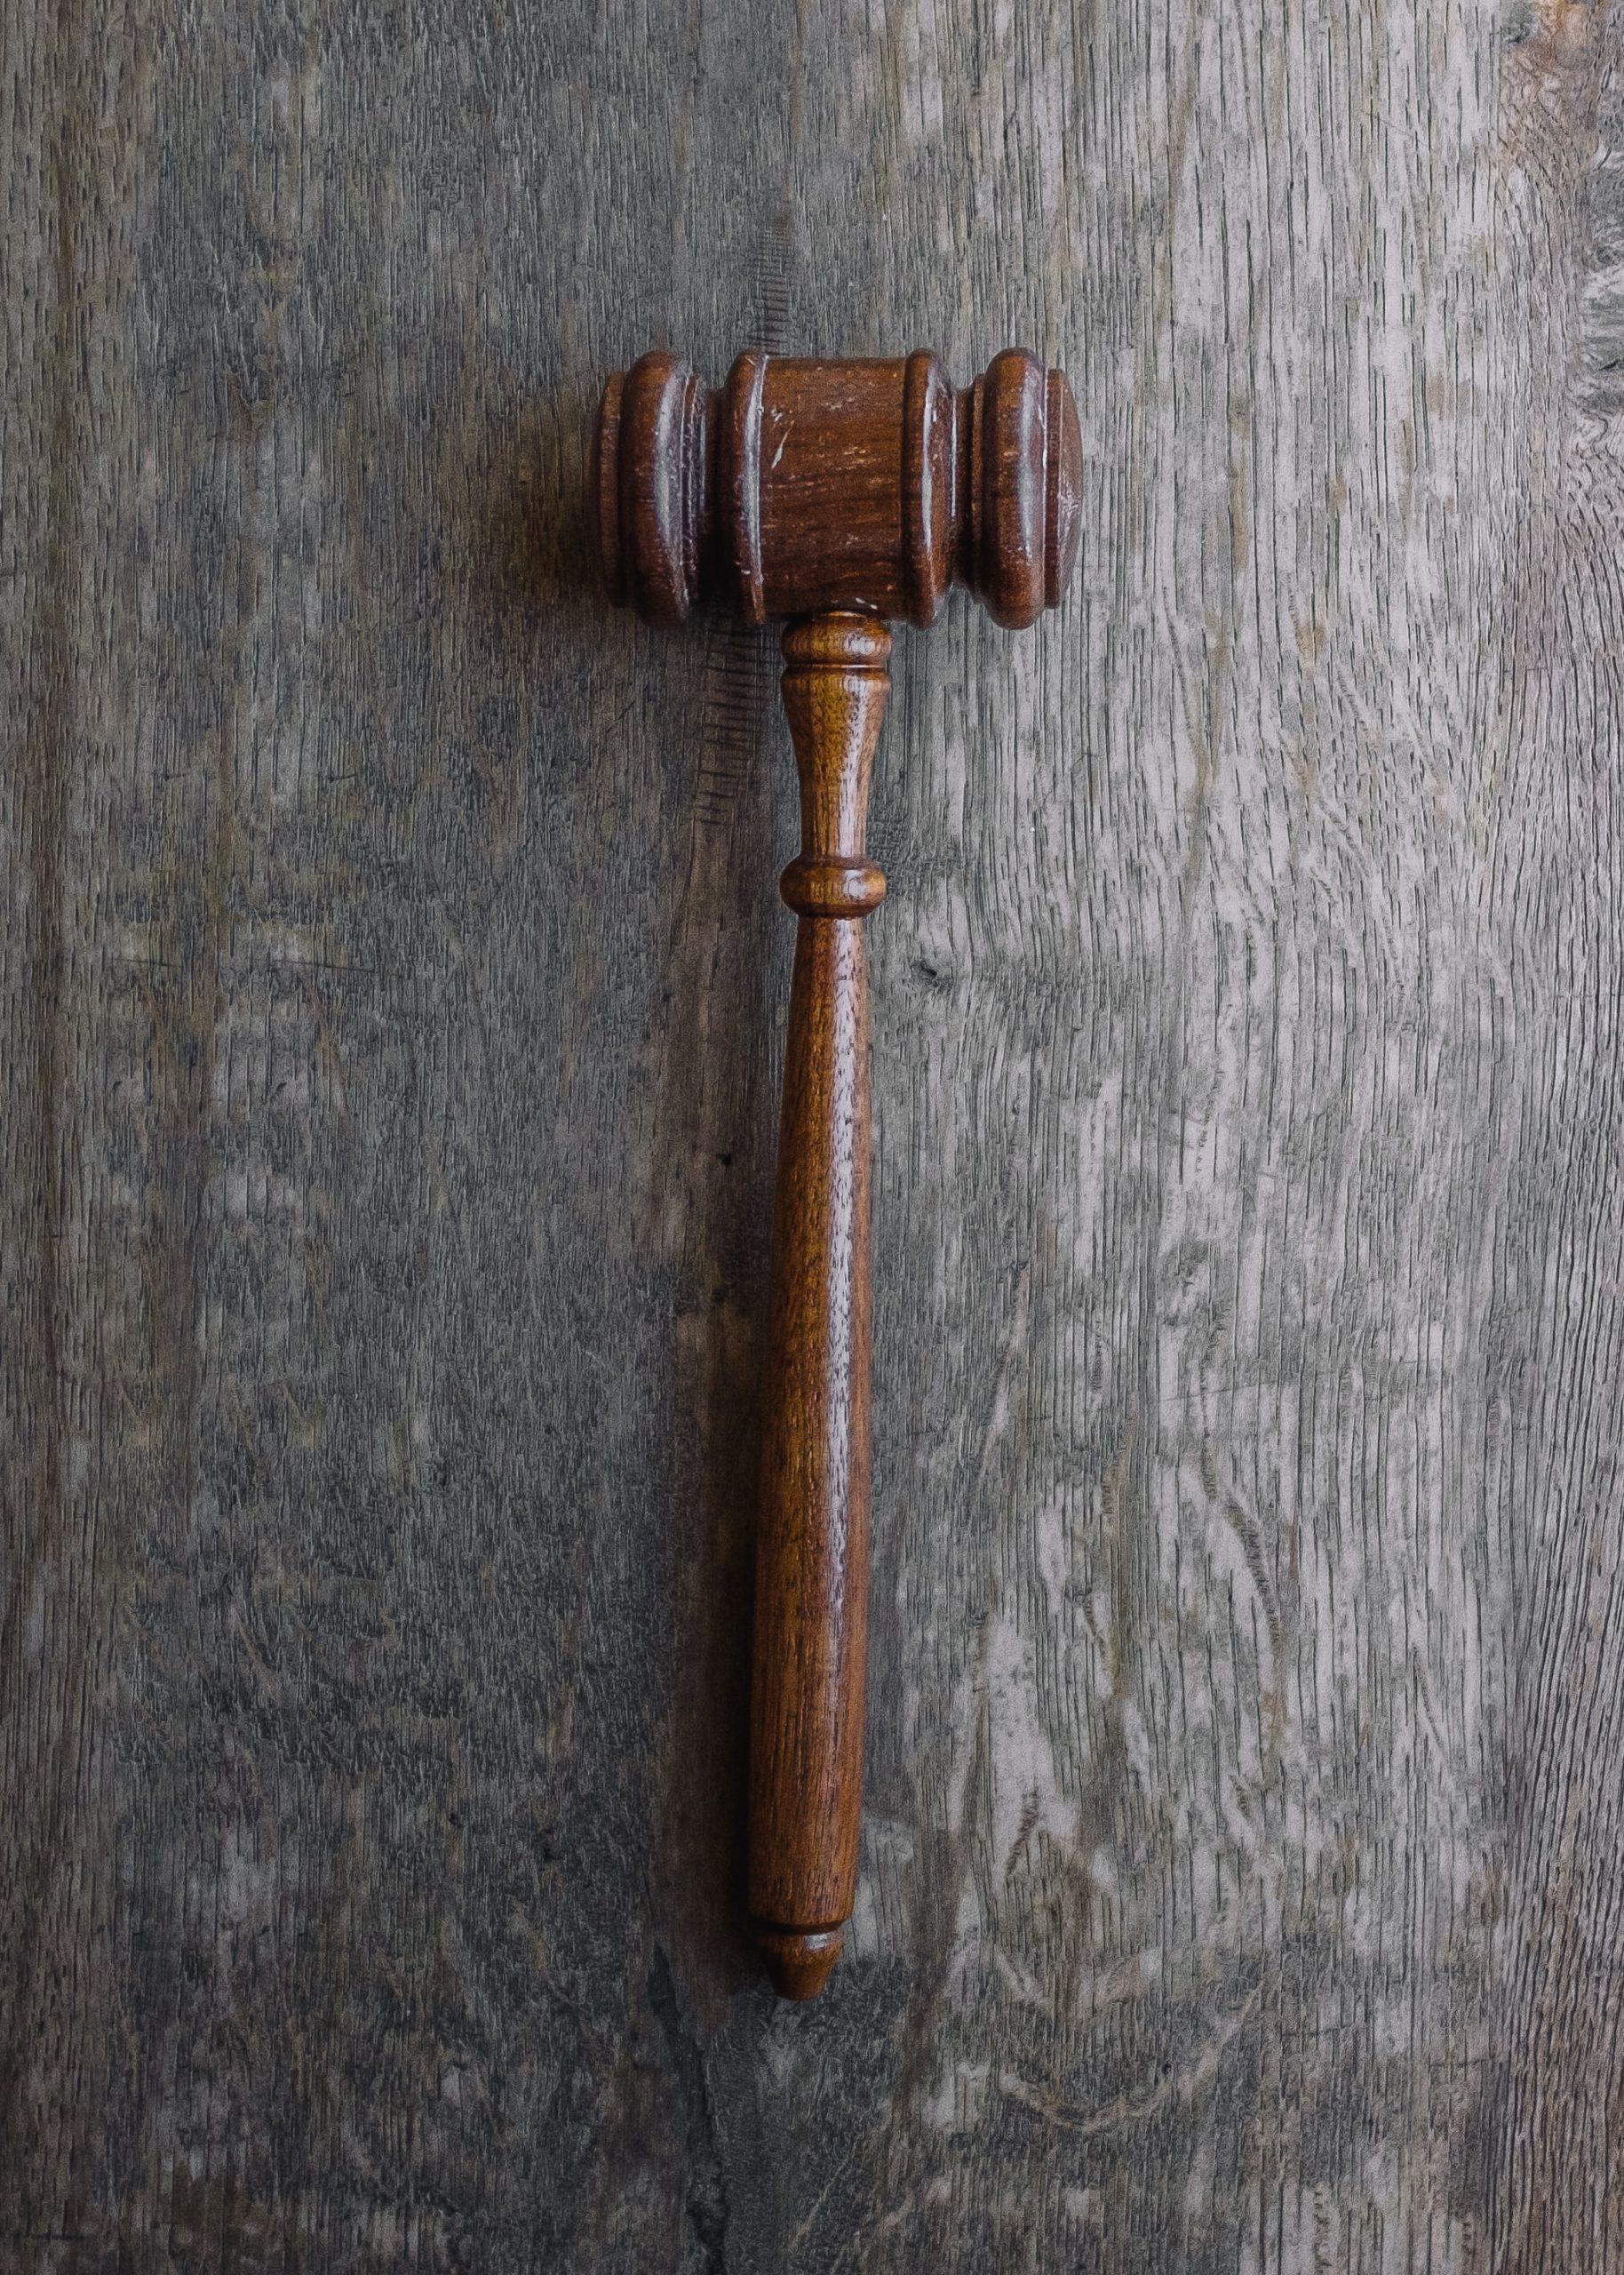 ¿Qué derechos tengo para procesos judiciales?